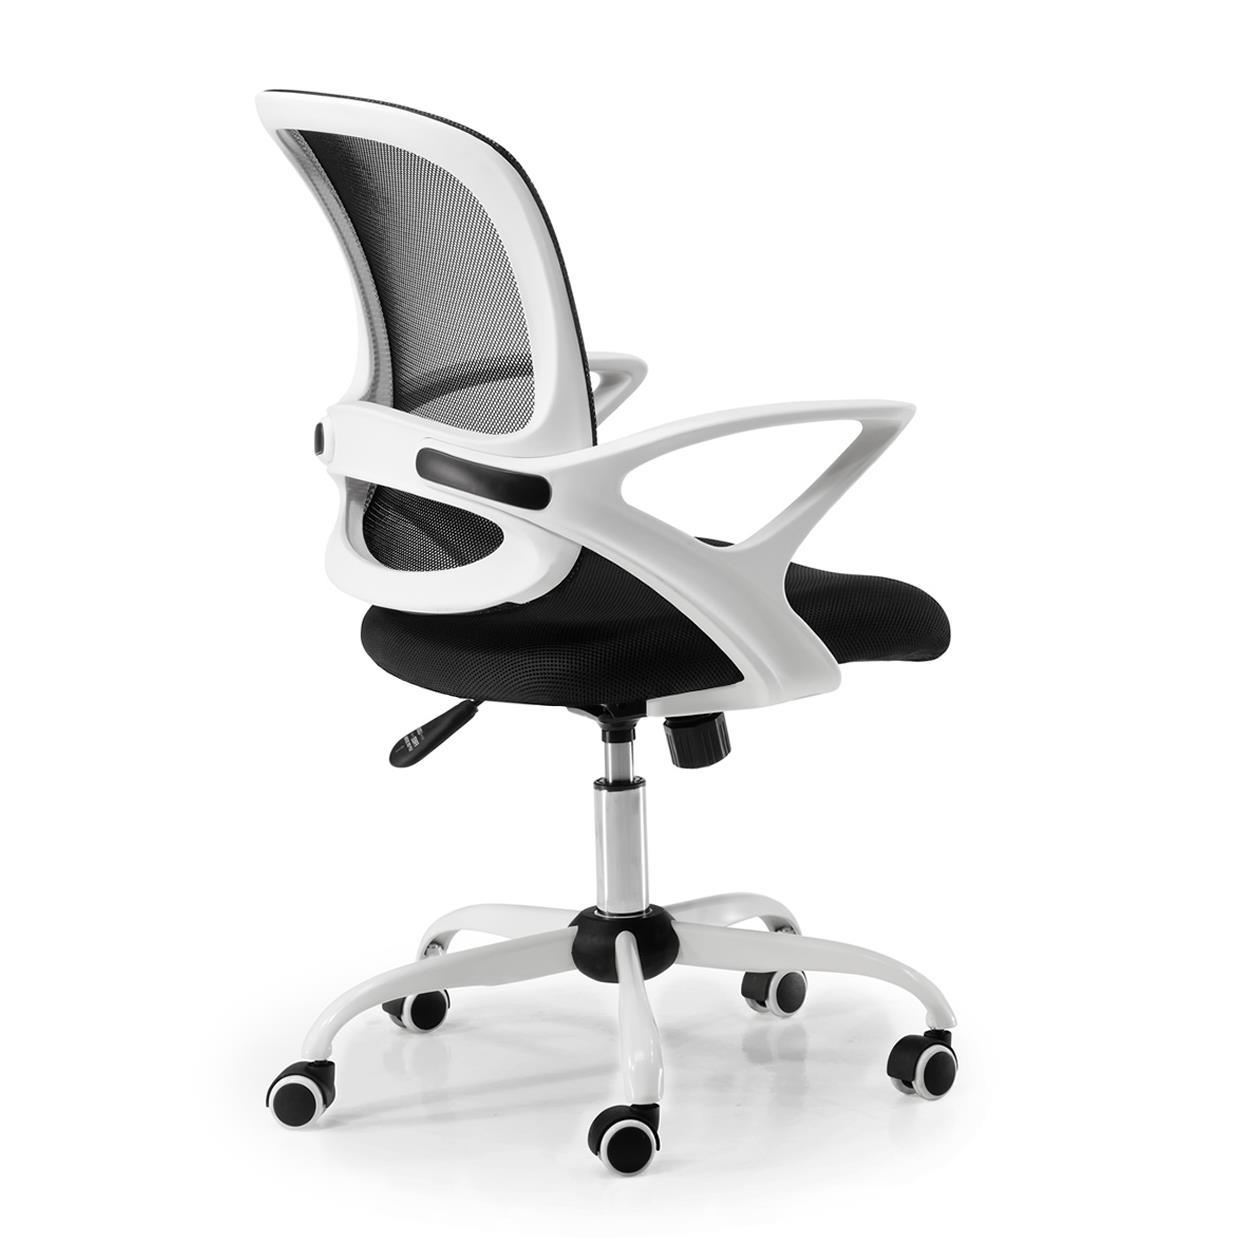 Bureau En De JacobStructure ModerneTissuNoir Chaise BlancDesign mnw80Nv